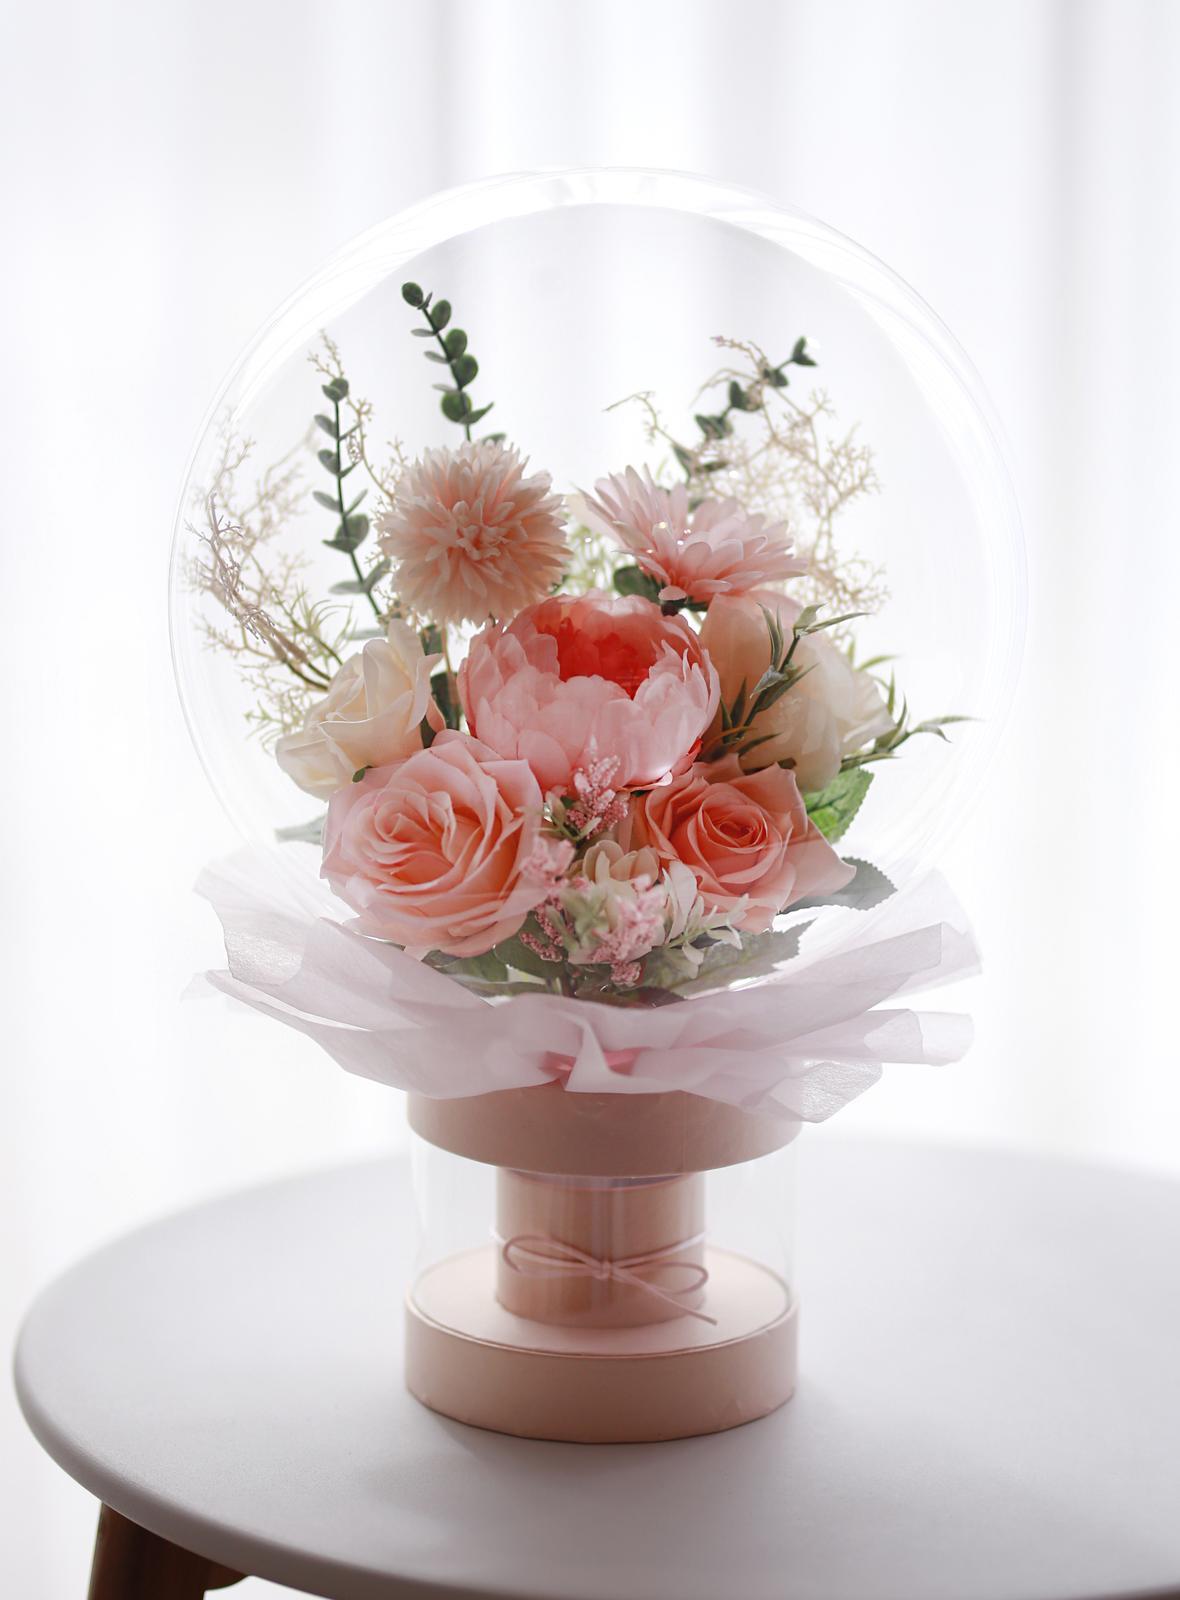 Medium flowerballoon box type